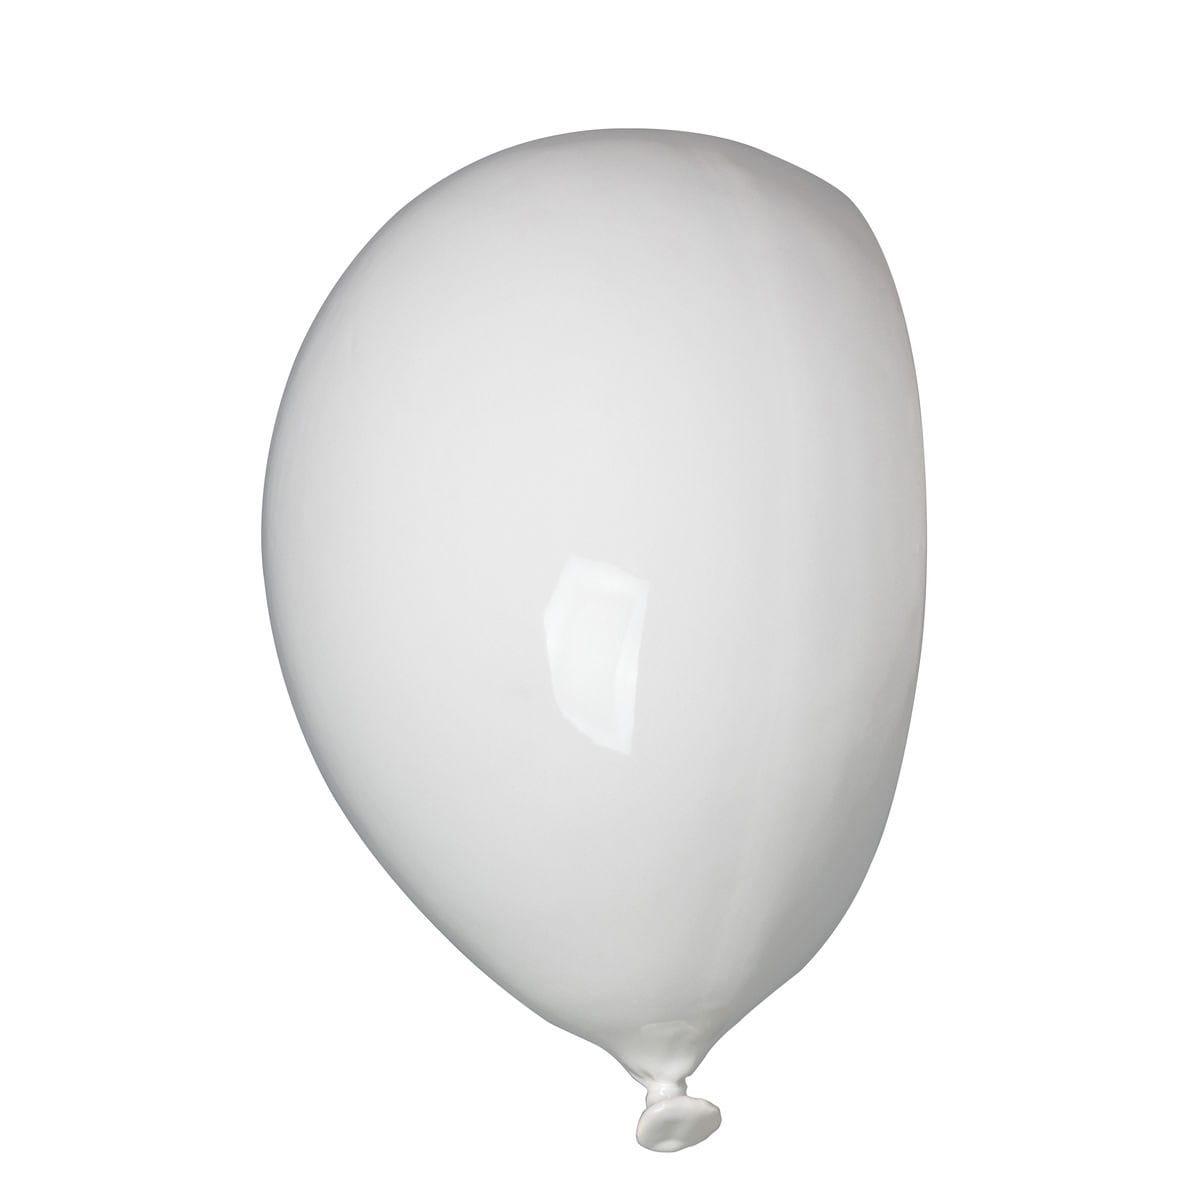 Umidificatore per radiatore in ceramica a forma di palloncino, collezione Balloon, colore bianco